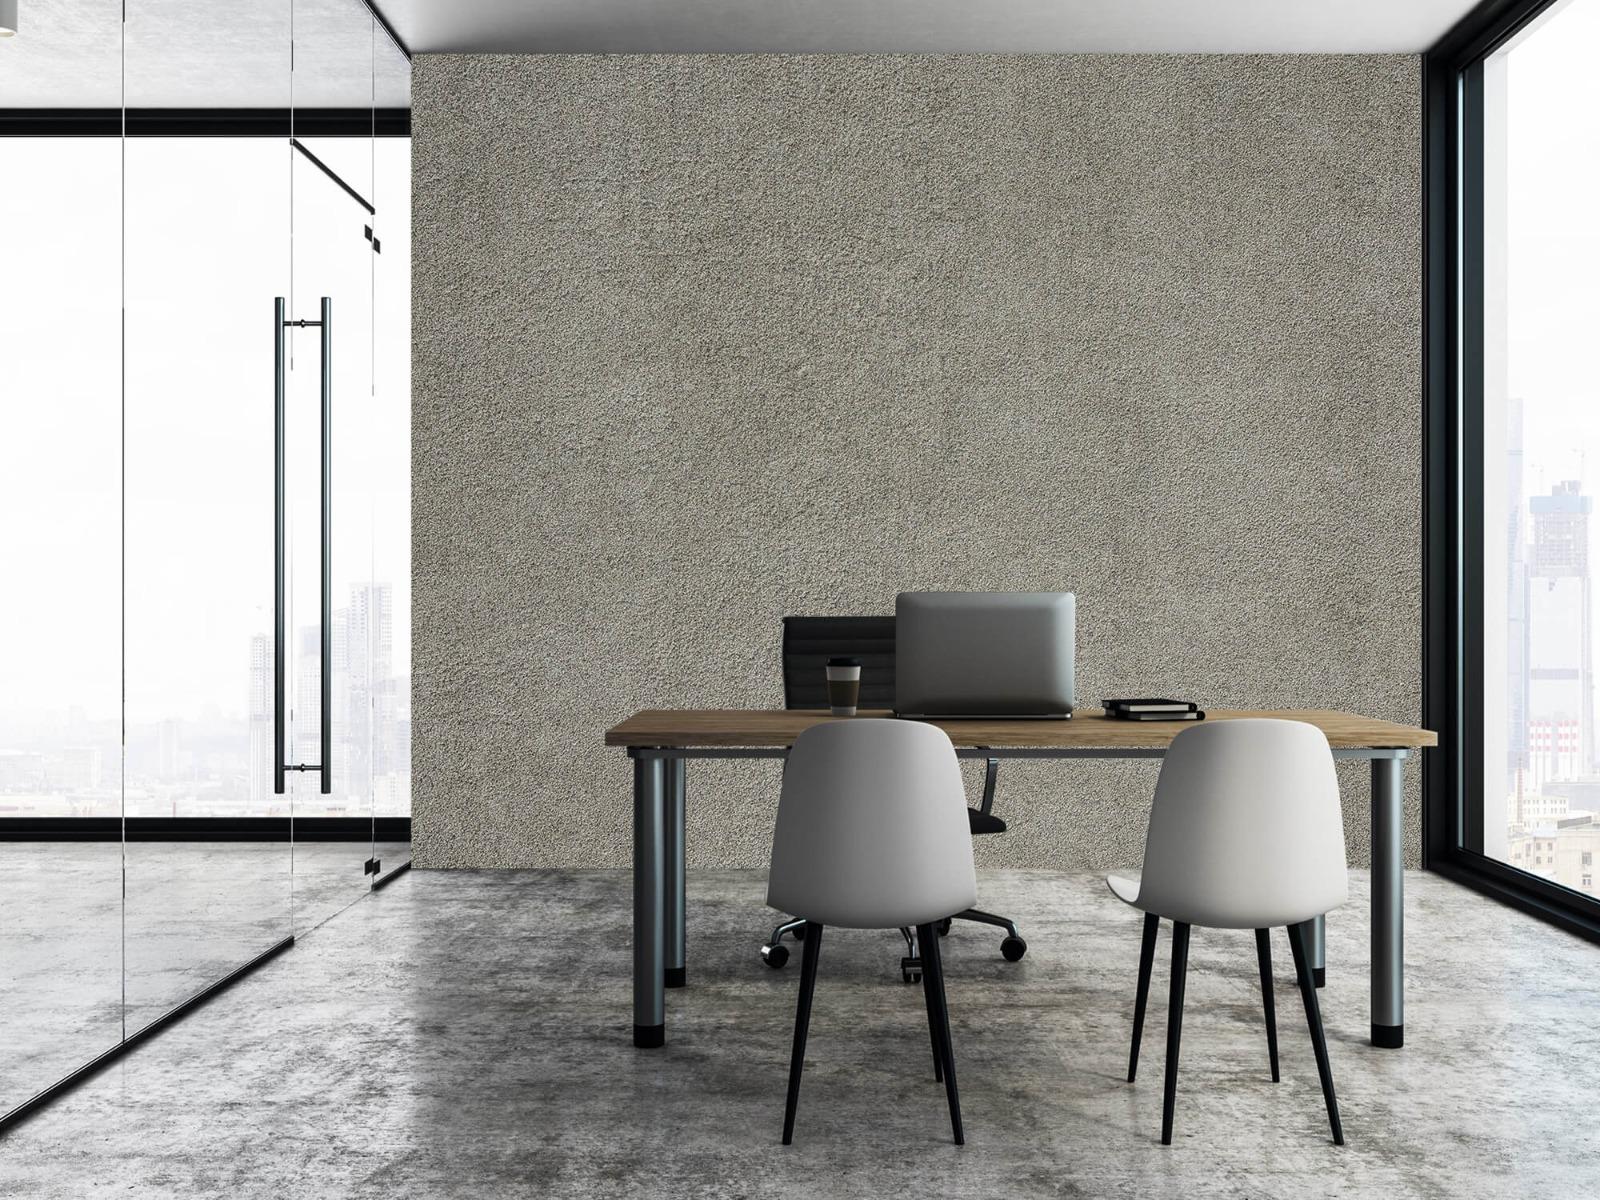 Betonlook behang - Betonnen muur met fijne steentjes - Kantoor 3